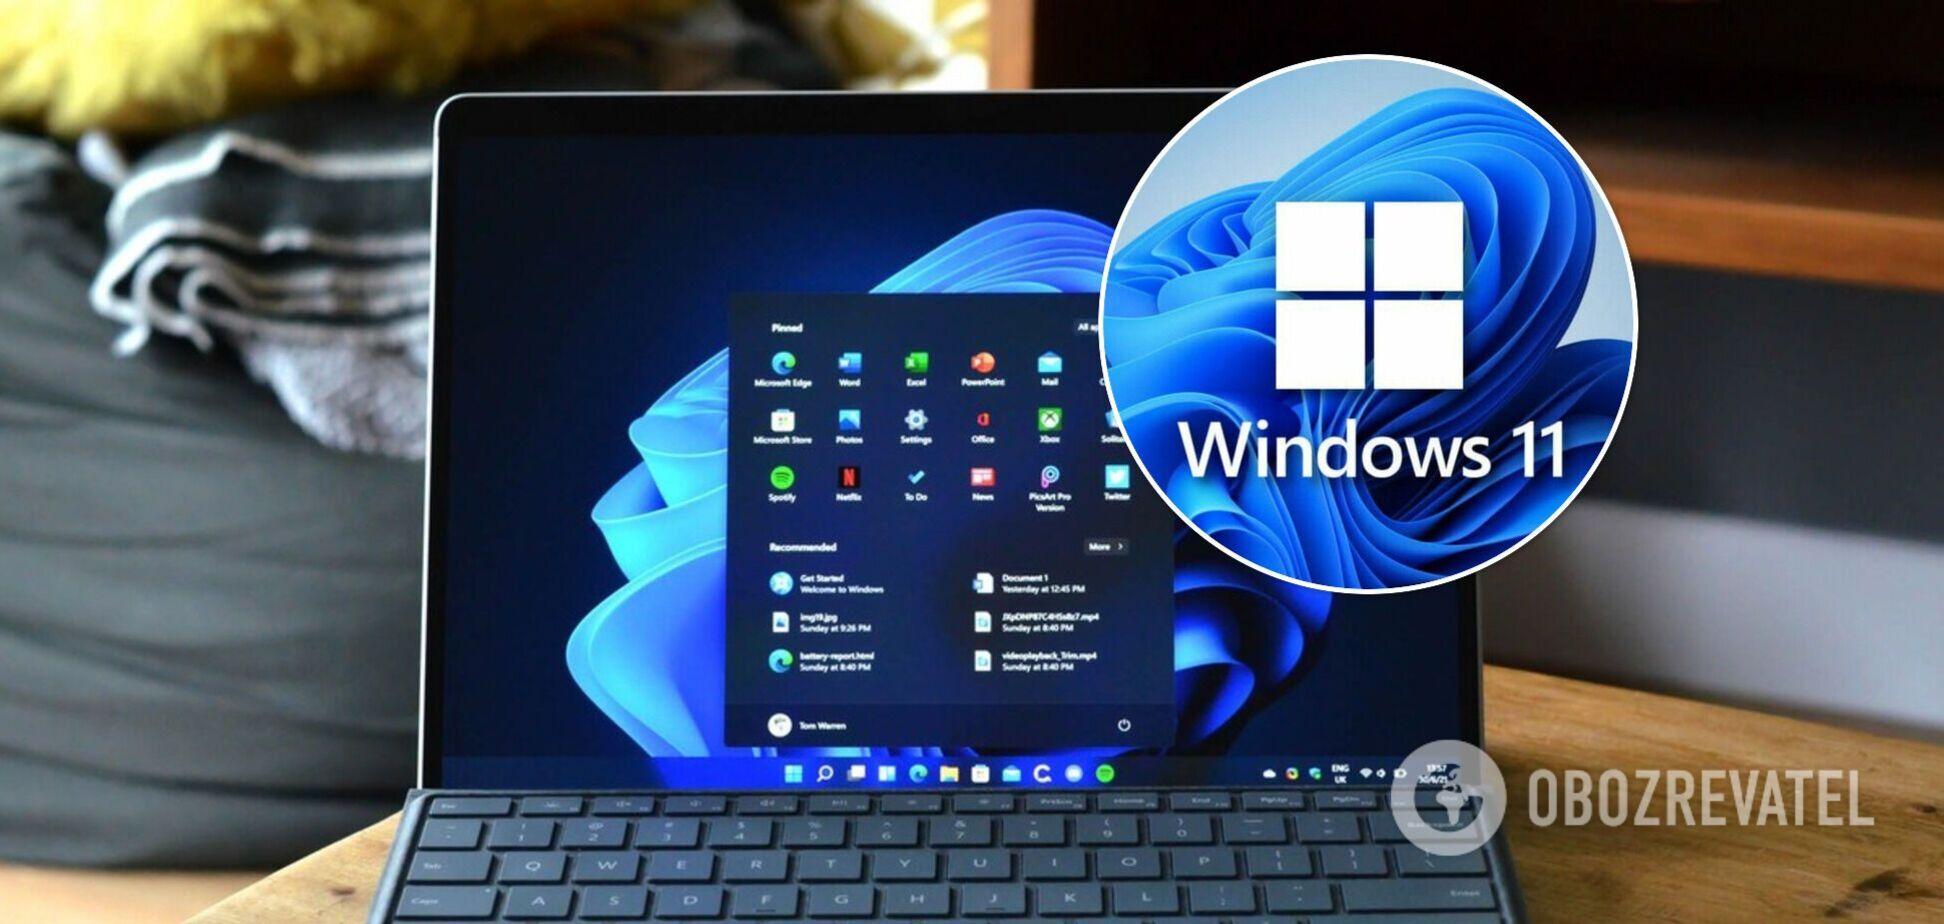 Как бесплатно получить Windows 11: пошаговая инструкция